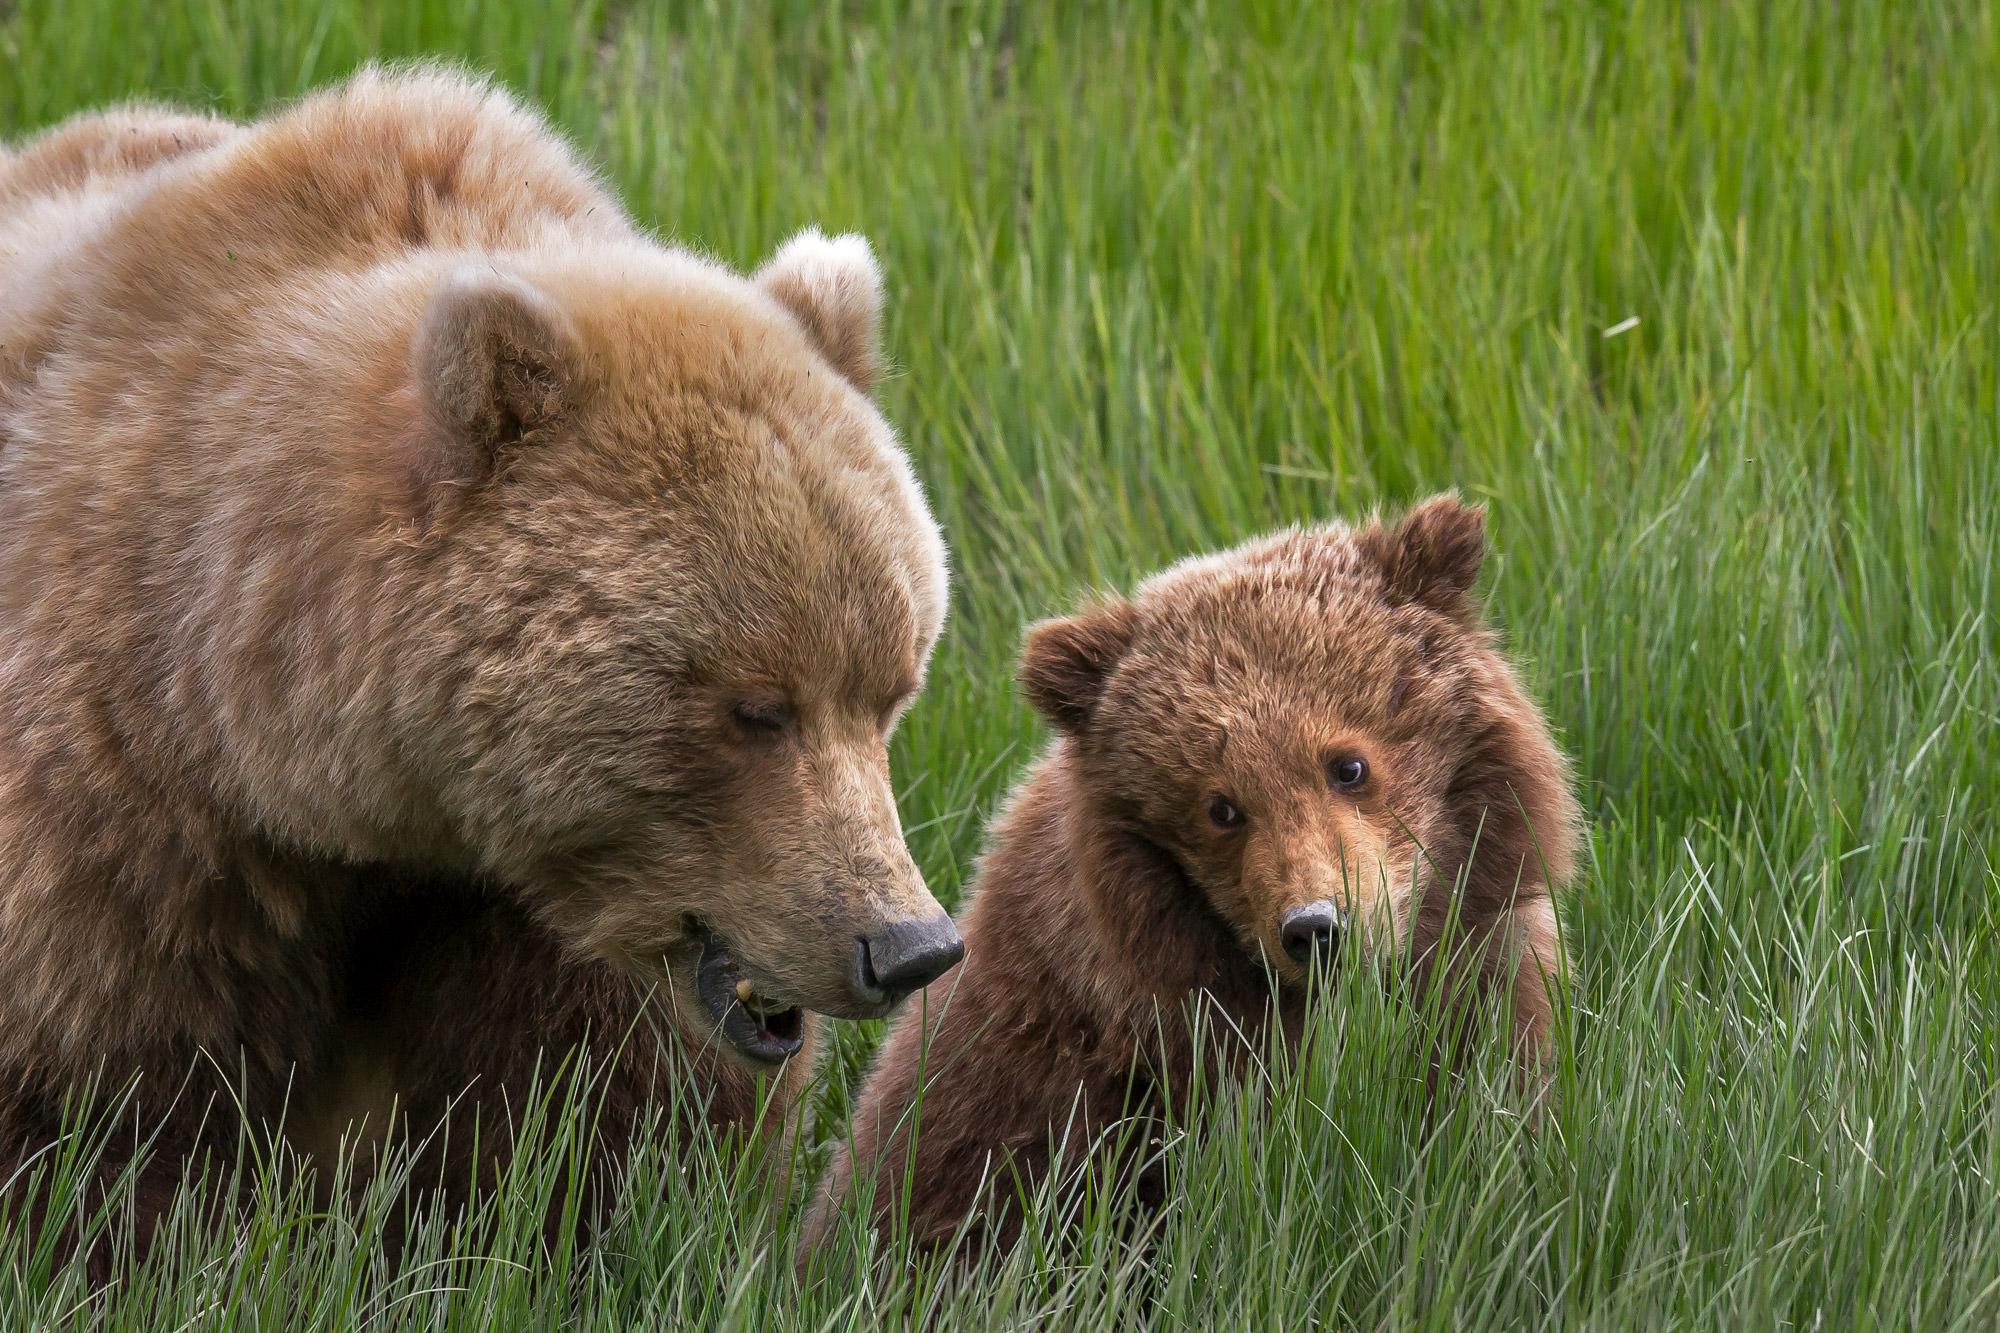 Bear, Brown Bear, Grizzly Bear, Cub, Alaska, photo